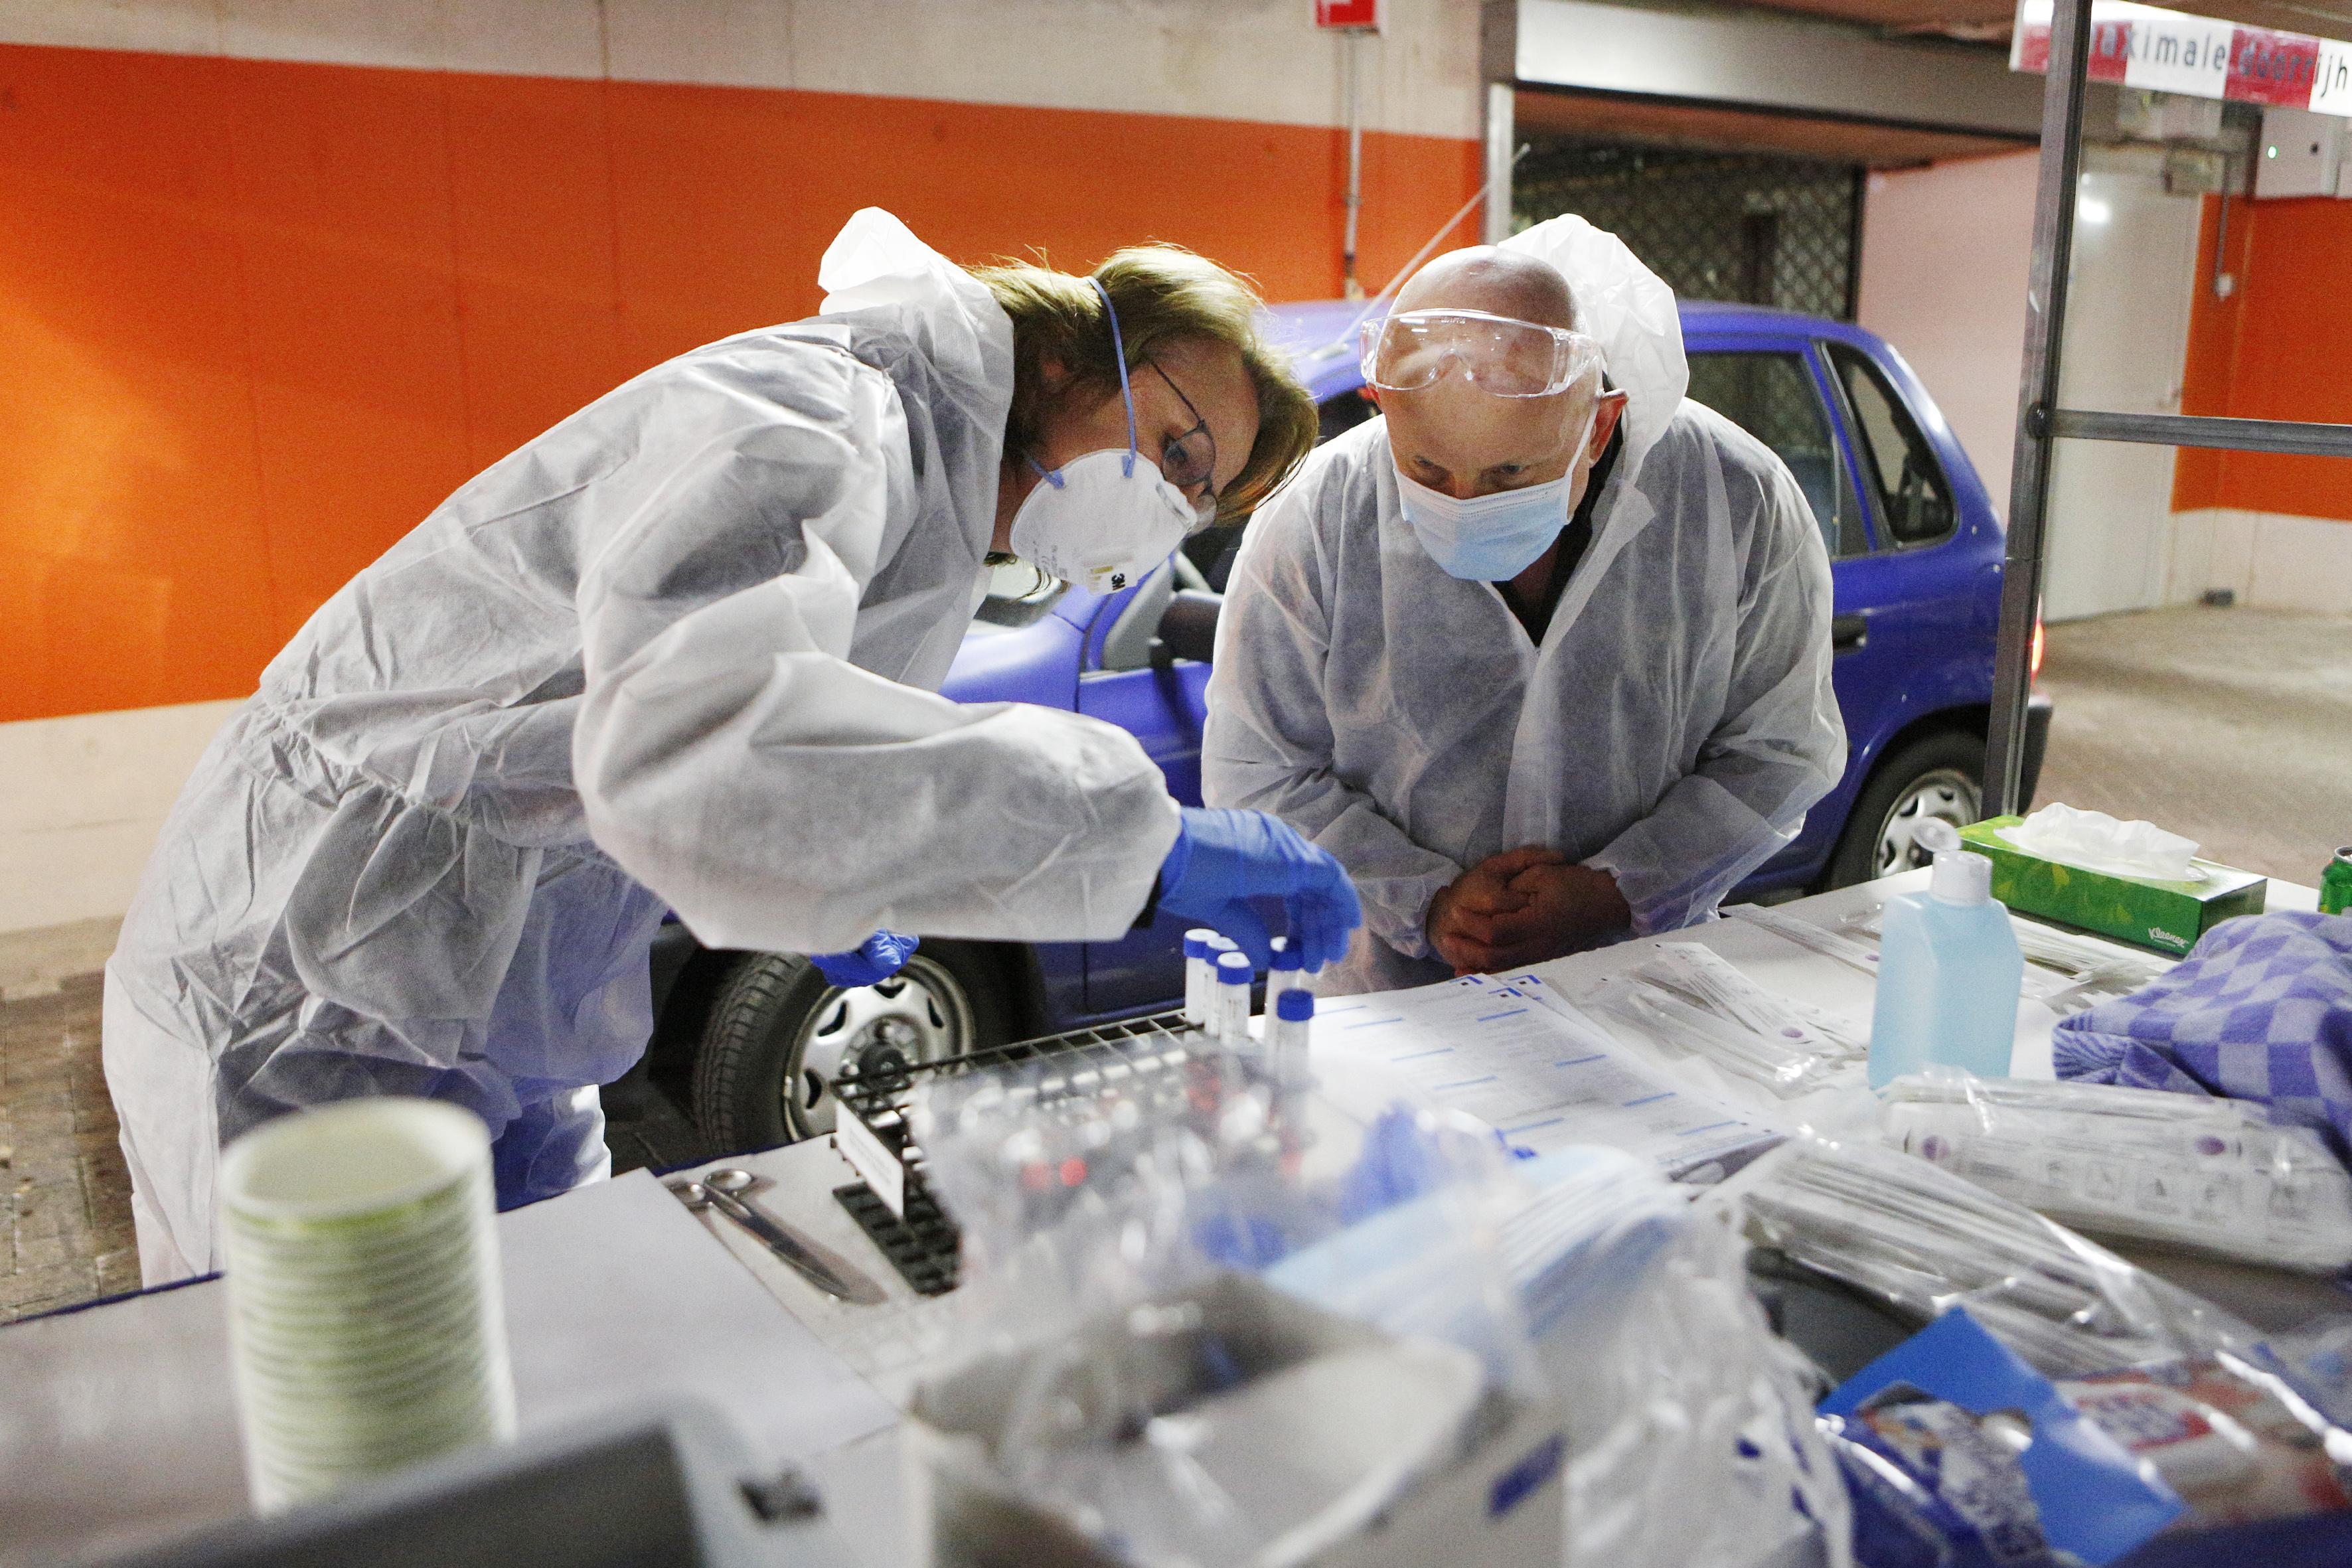 GGD versterkt 'coronateam' met tientallen nieuwe medewerkers om besmettingsbronnen op te sporen en contacten in kaart te brengen